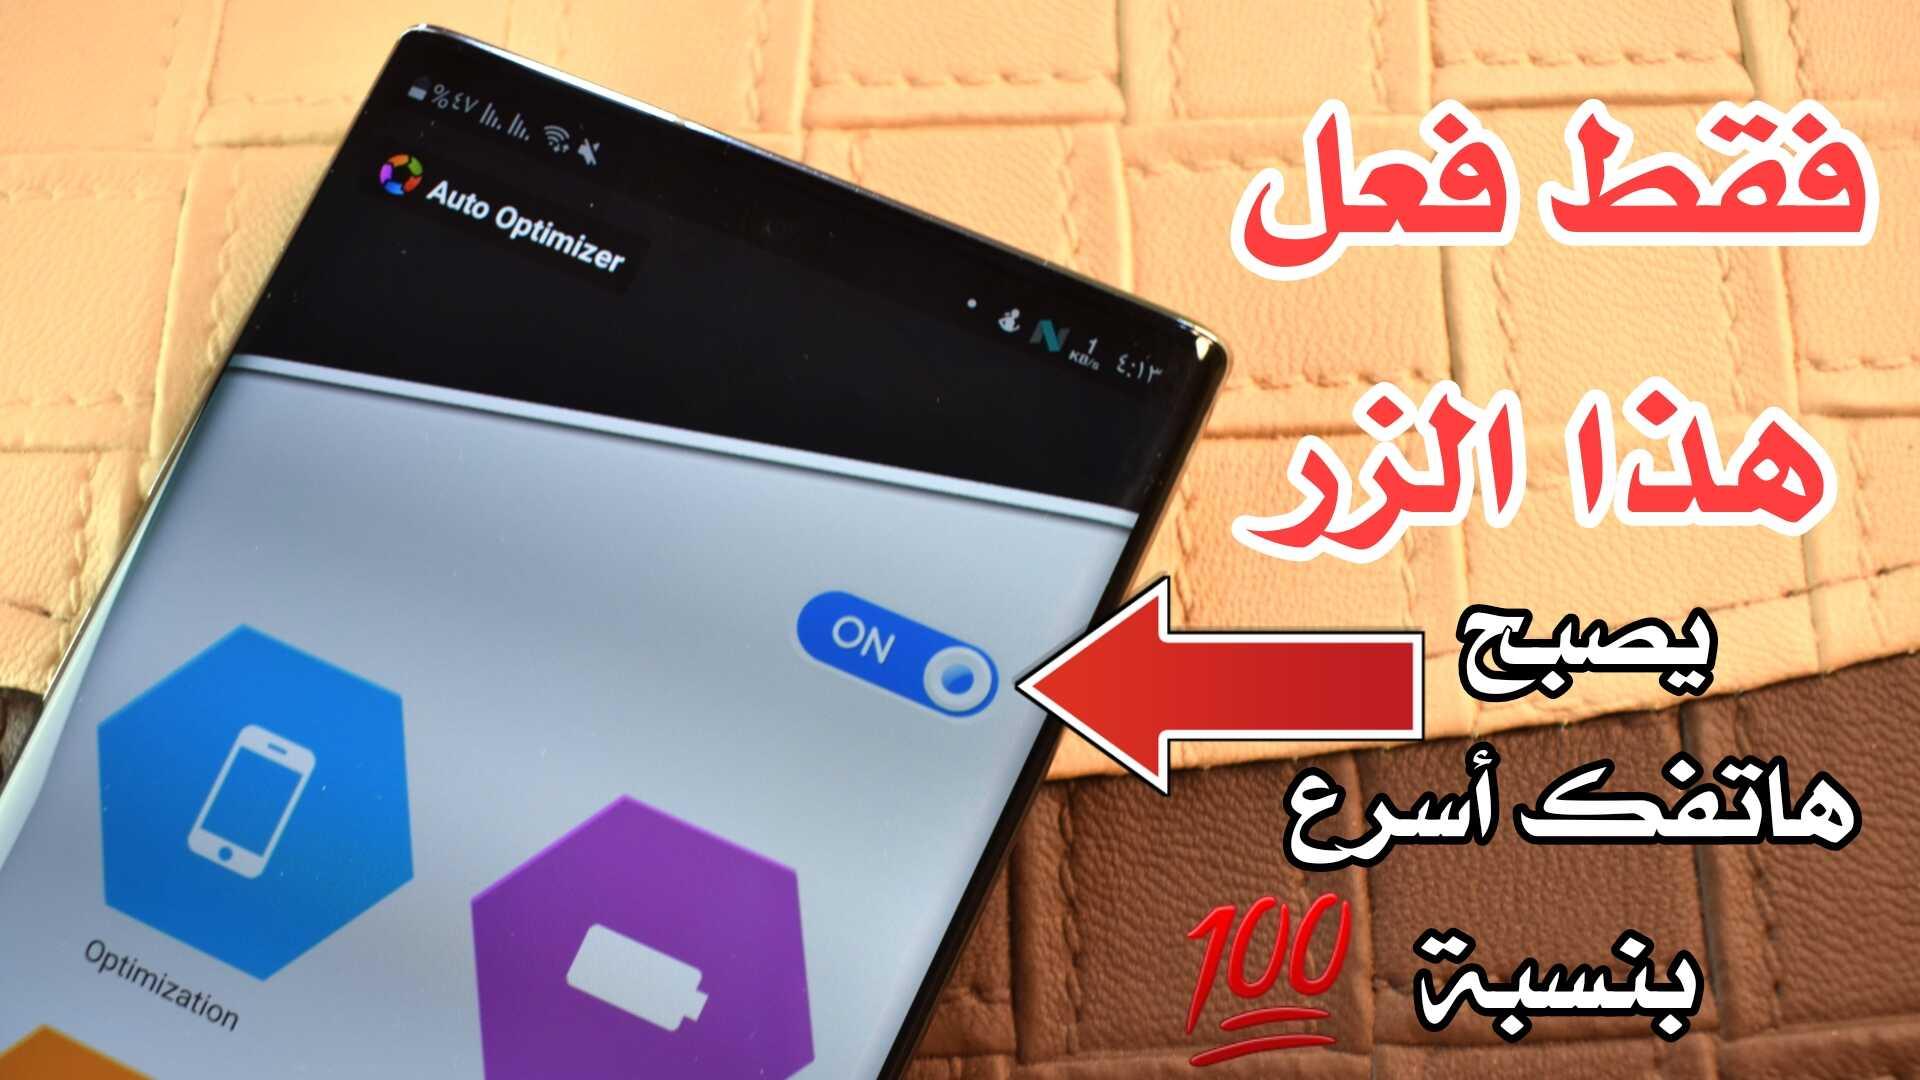 تسريع وتنظيف الهاتف فقط بتفعيل هذا الزر فوراً سيصبح هاتفك أسرع بنسبة 100%